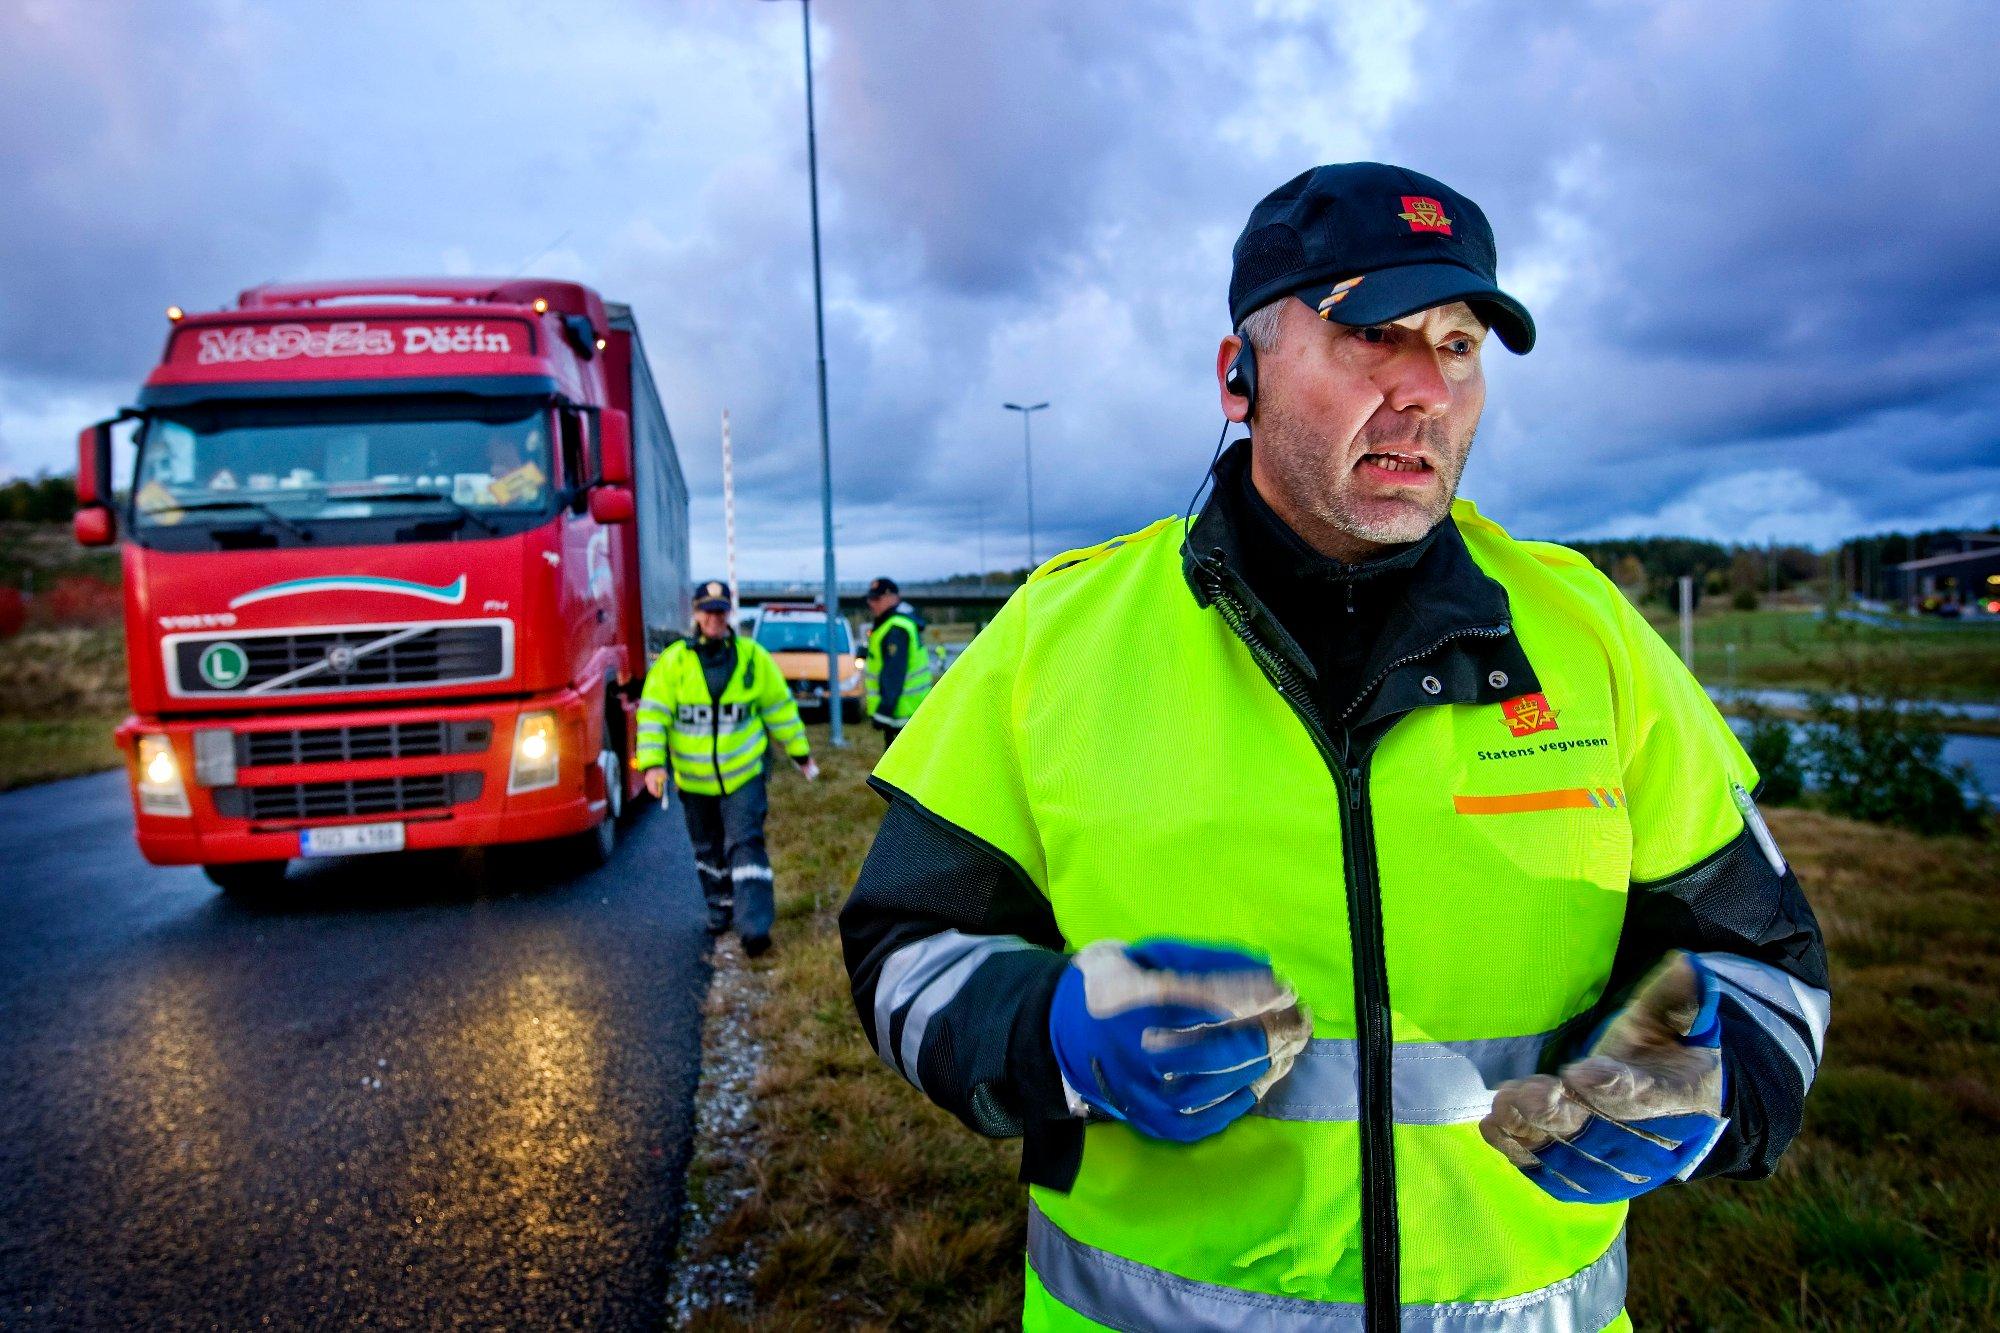 (+) Pynteglad sjåfør stoppet i kontroll: – Livsfarlig for trafikksikkerheten